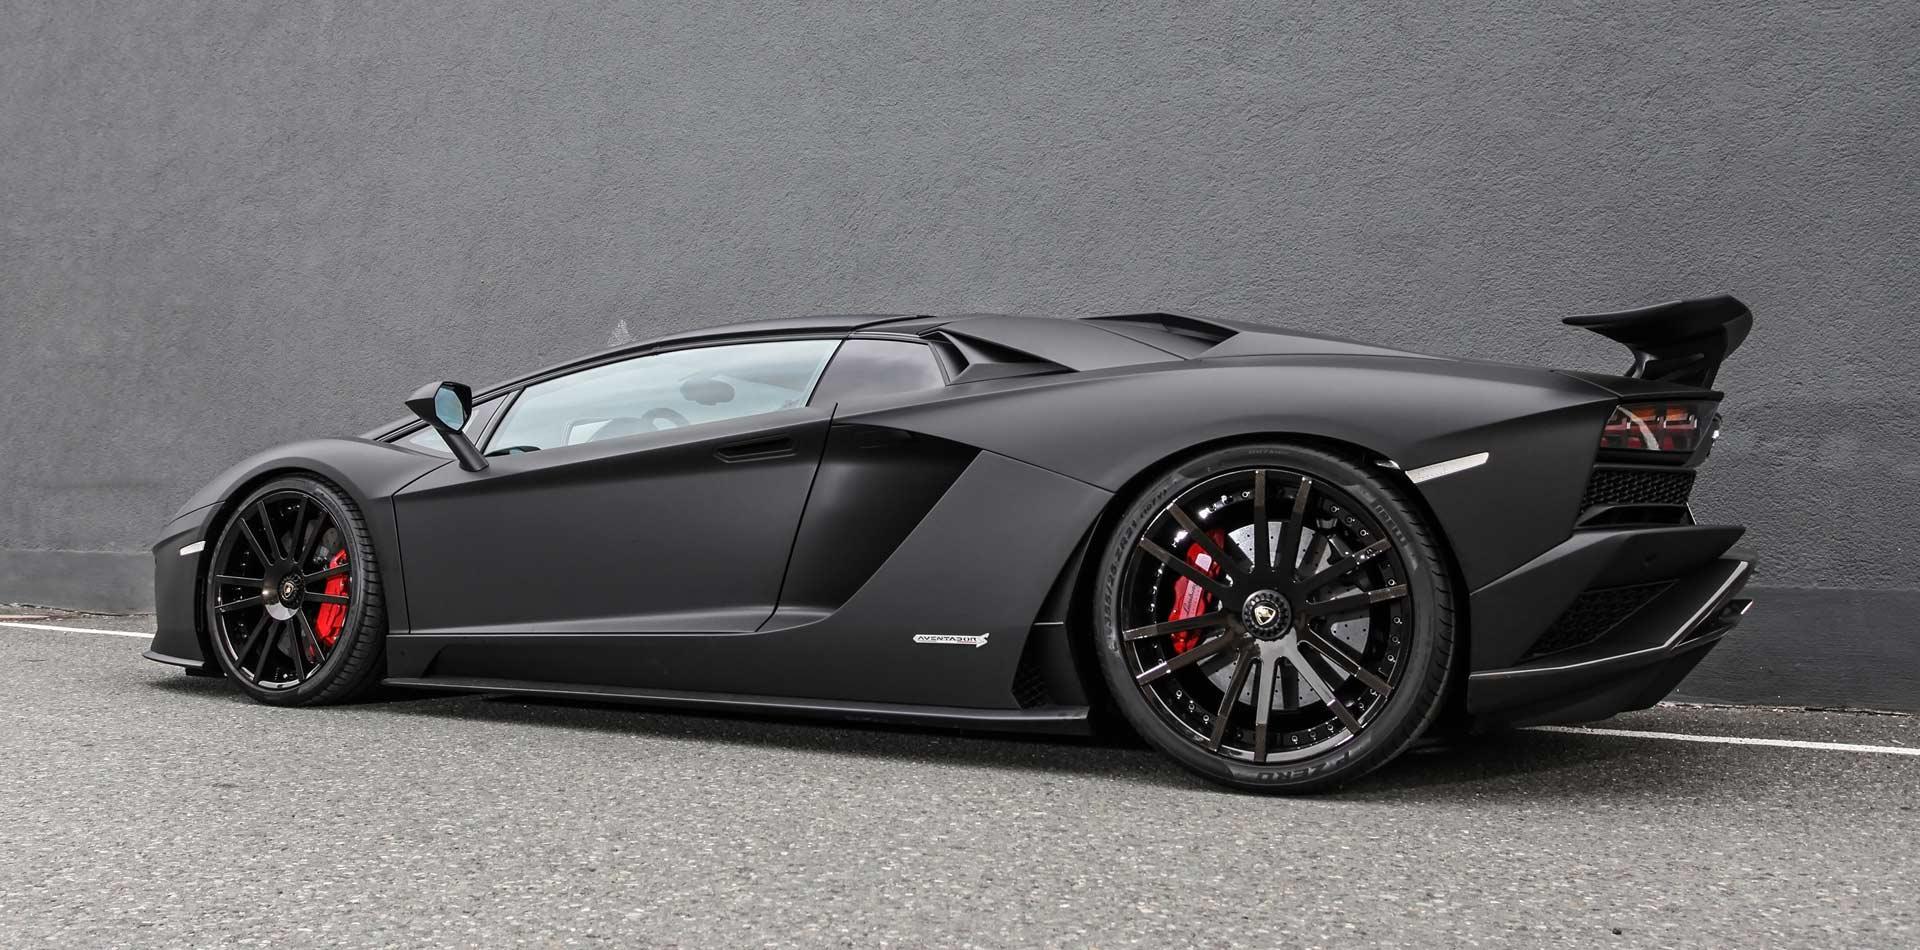 black beast - aventador wheelsandmopr seite vor mauer